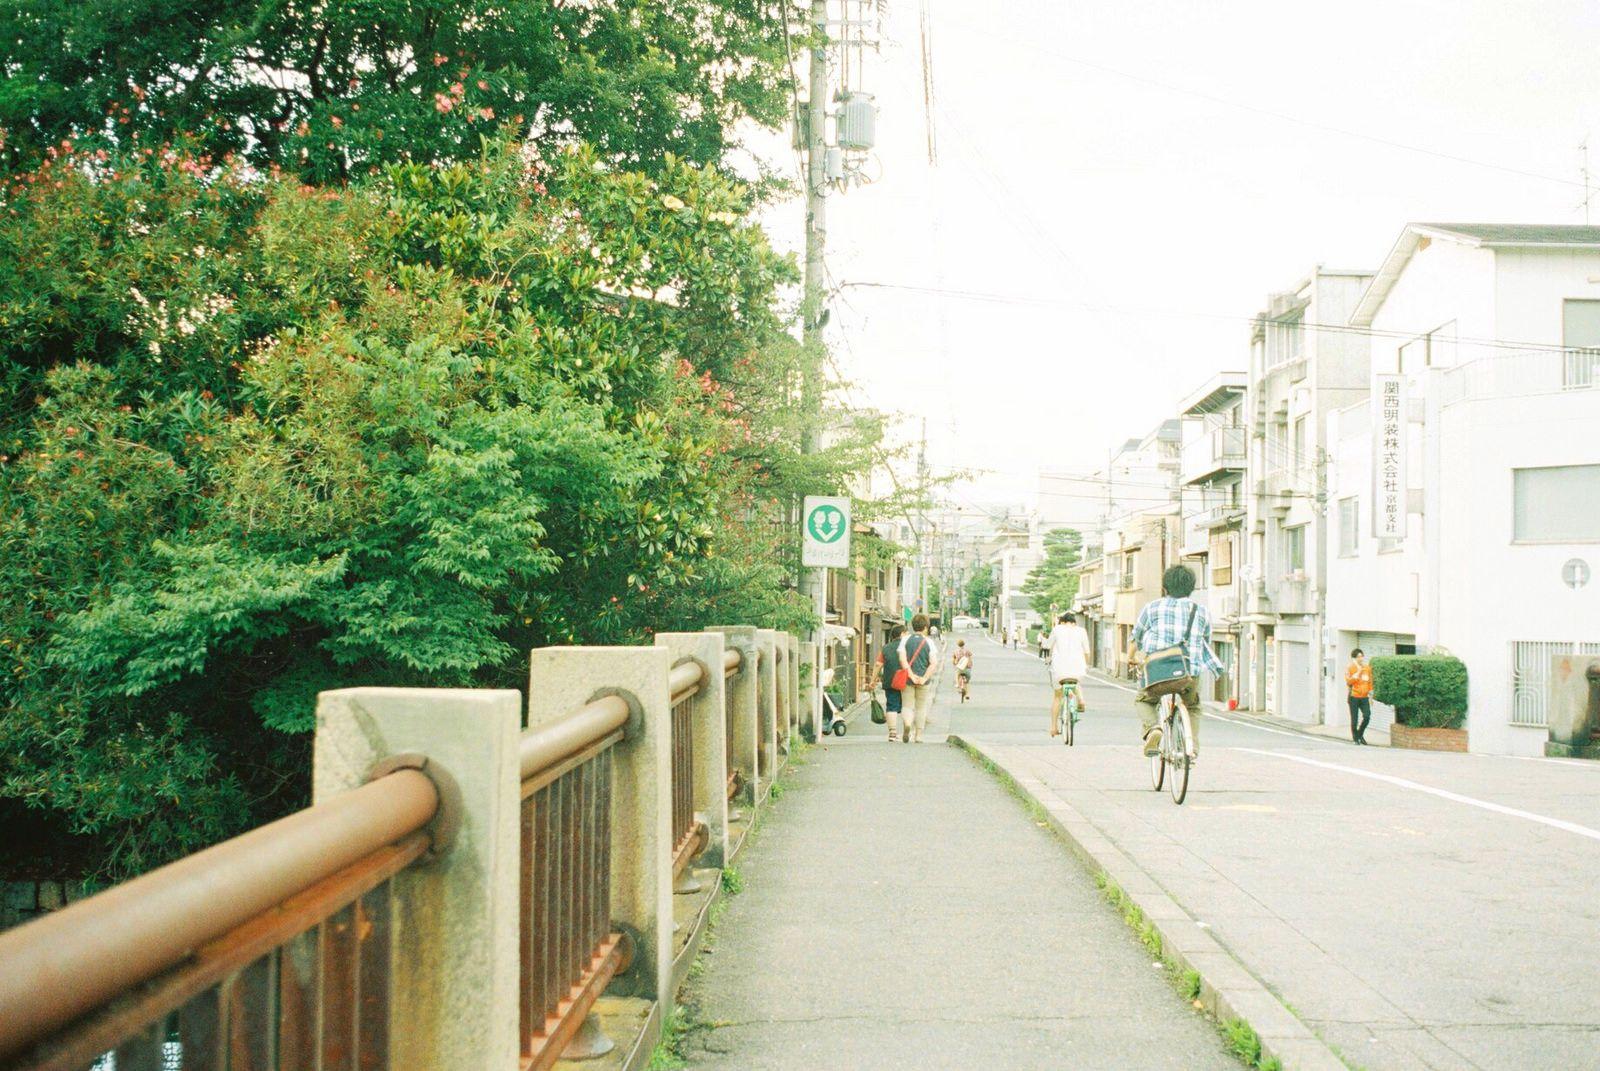 Essay help on japan's modernization